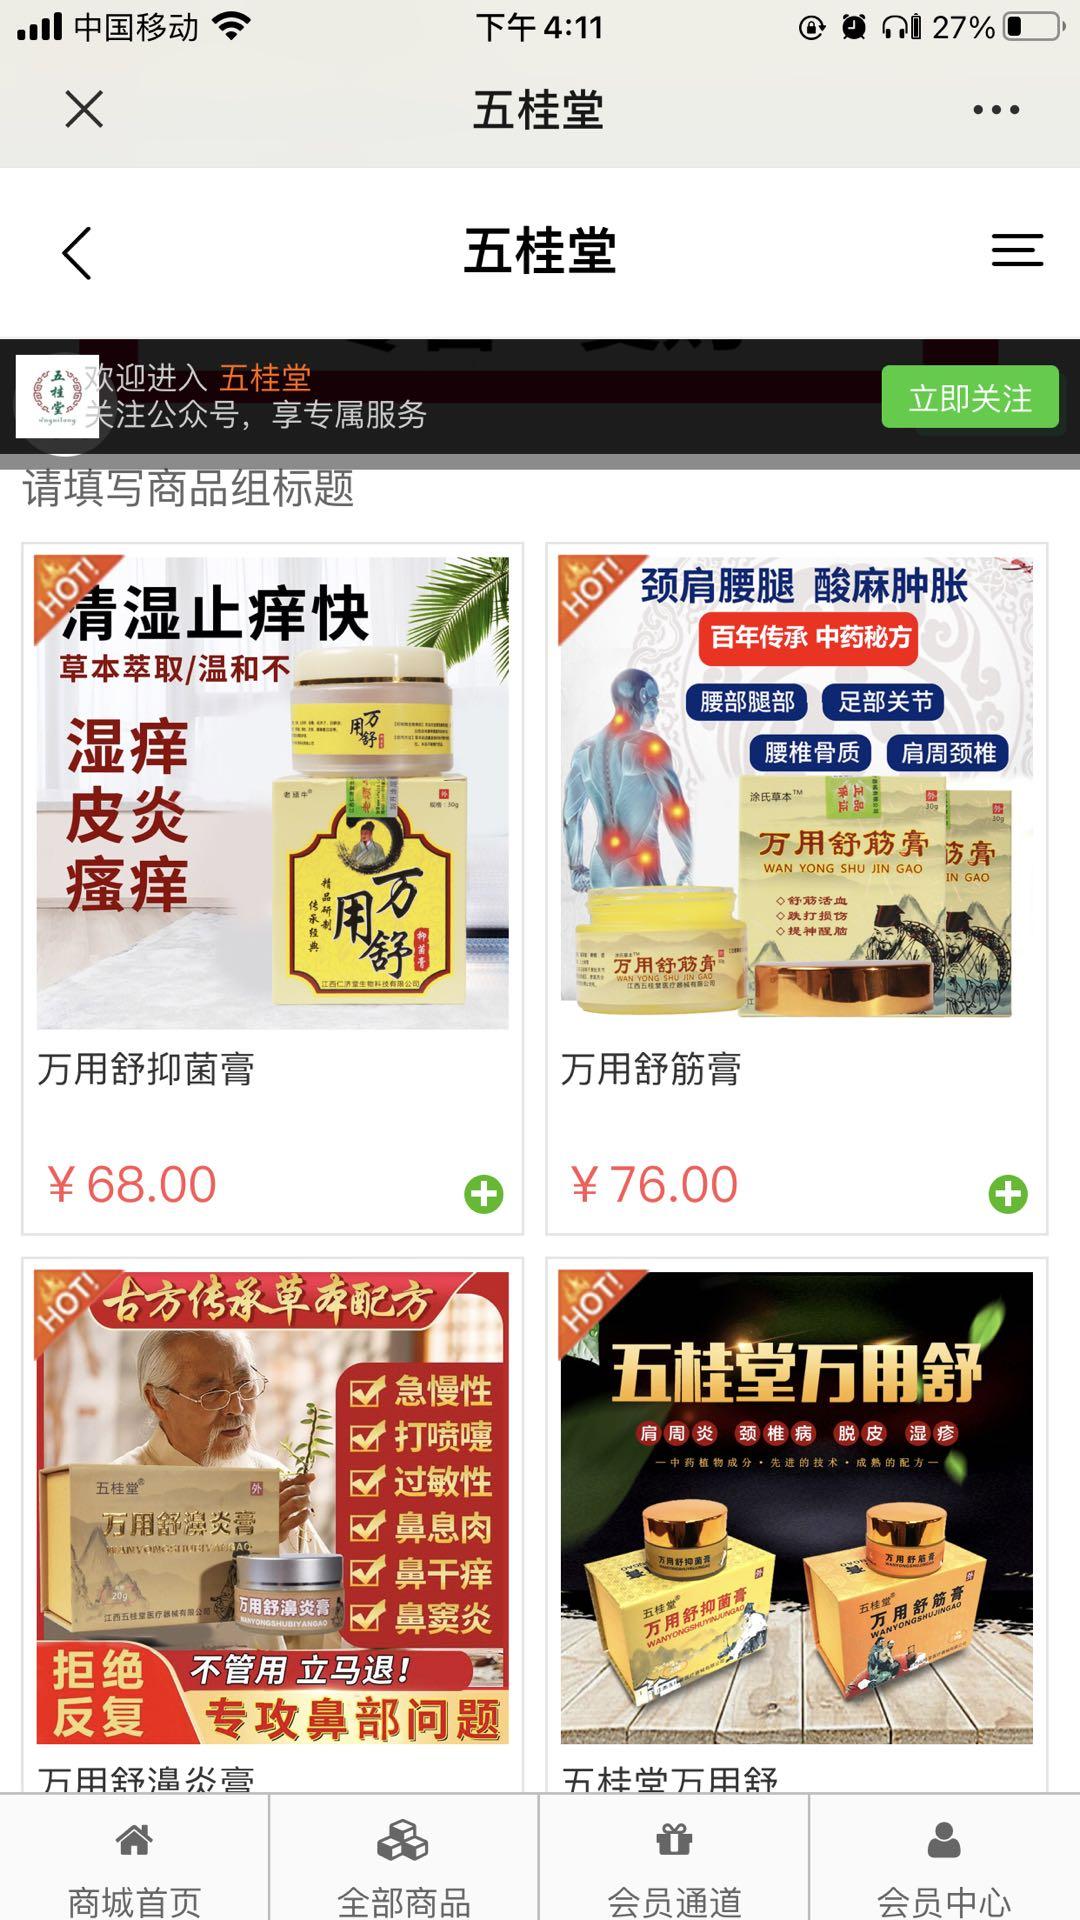 五桂堂.jpg